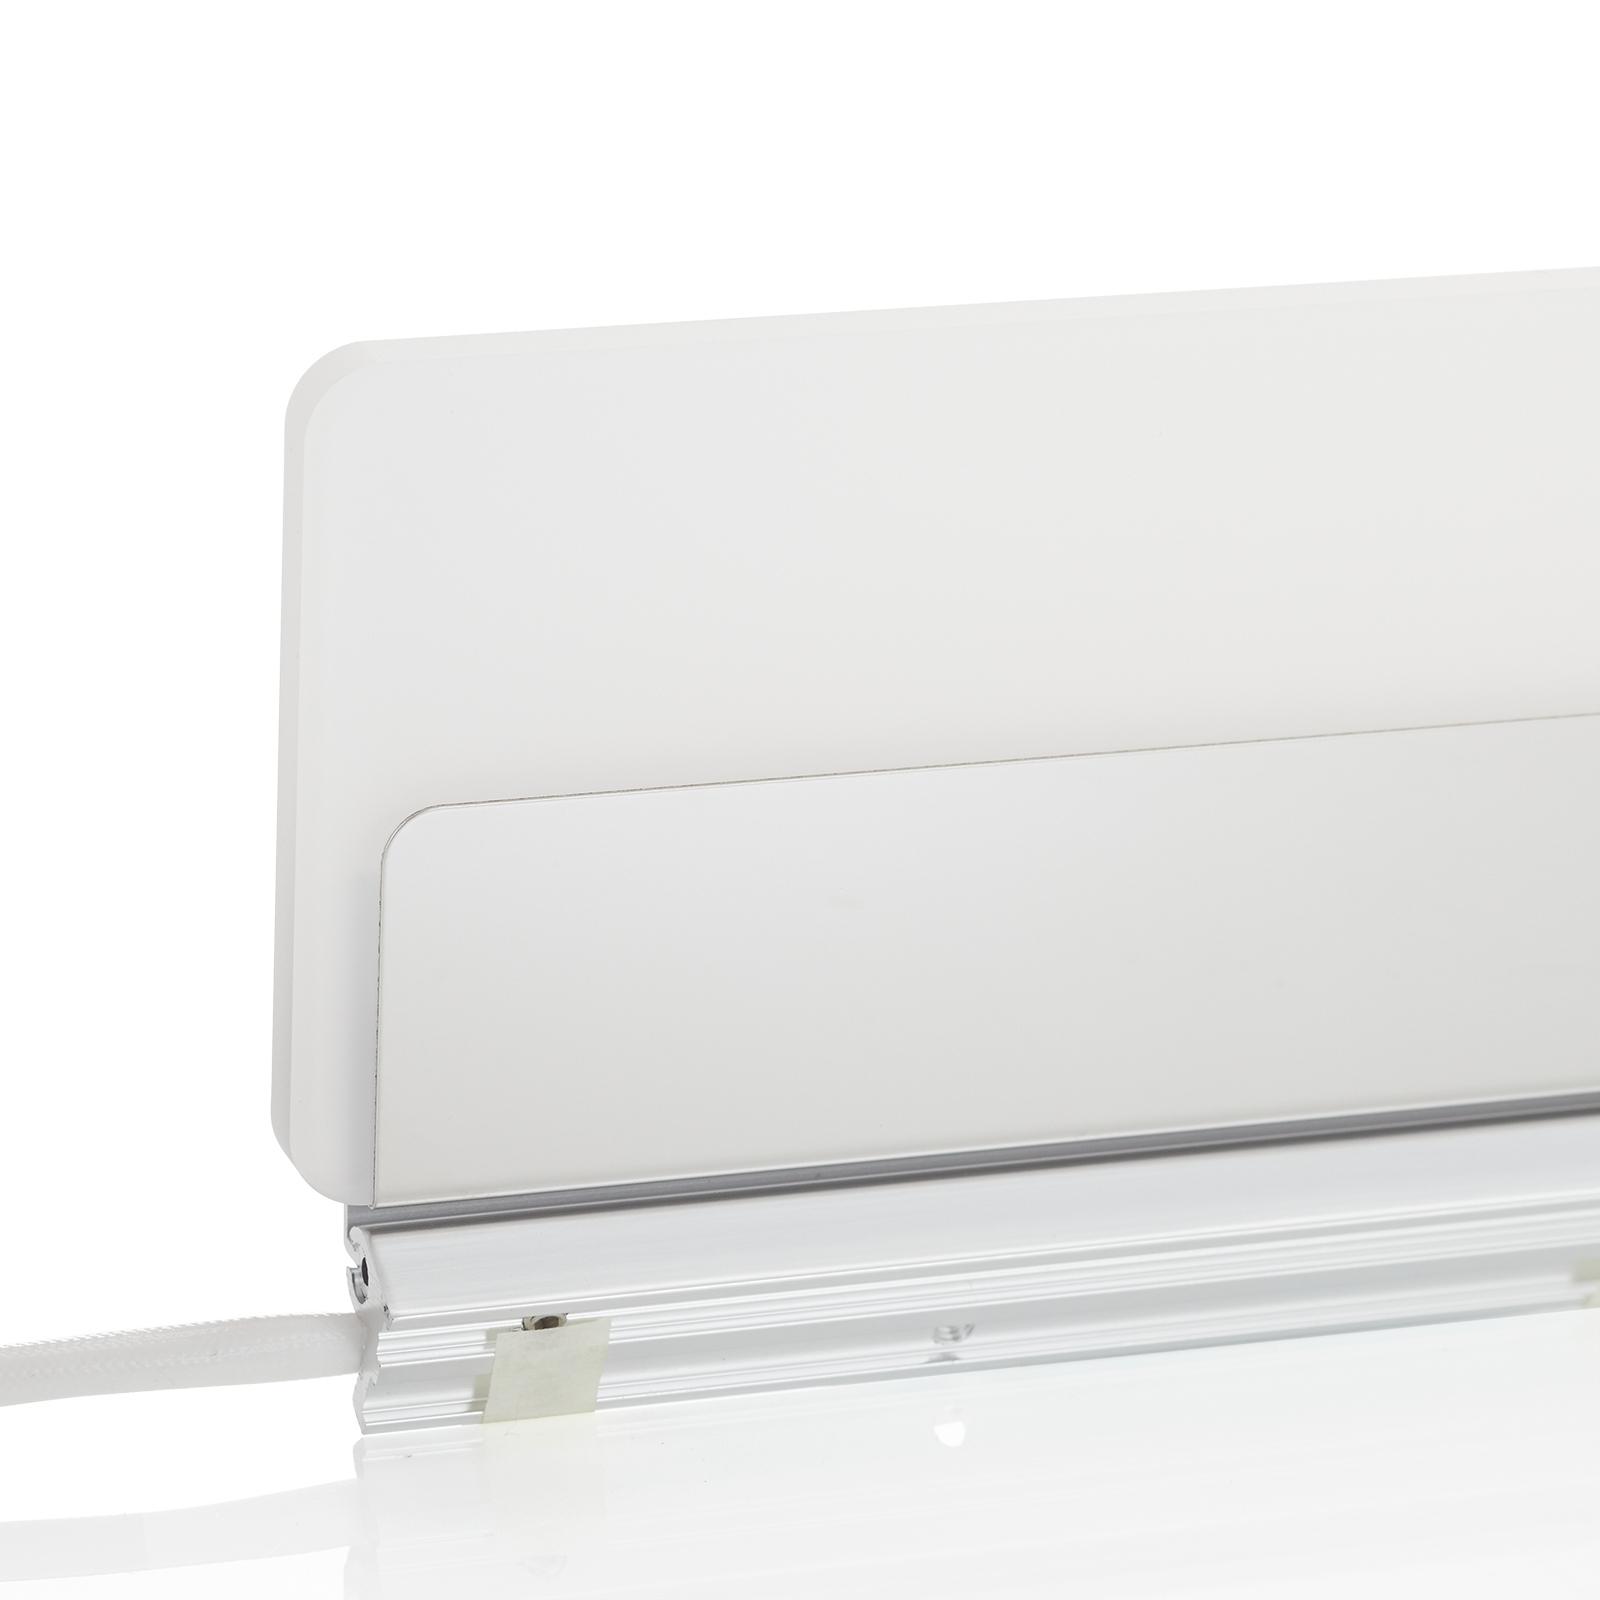 Applique pour miroir LED Katherine S2, IP44